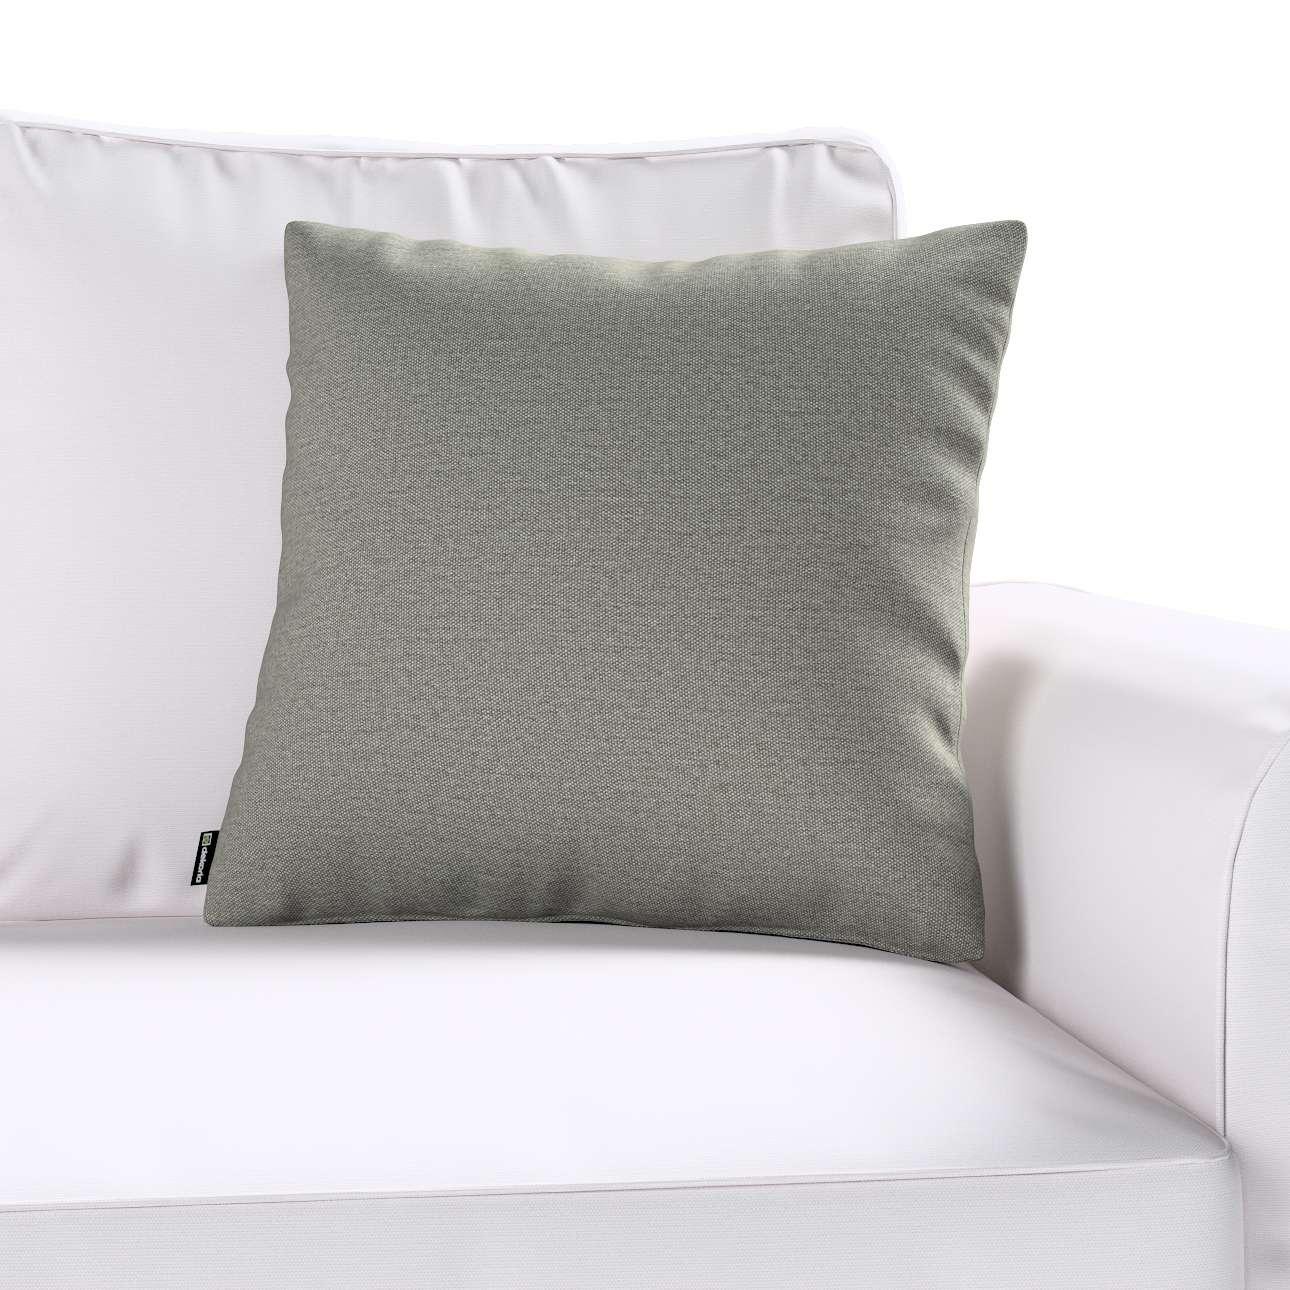 Poszewka Kinga na poduszkę w kolekcji Etna, tkanina: 161-25